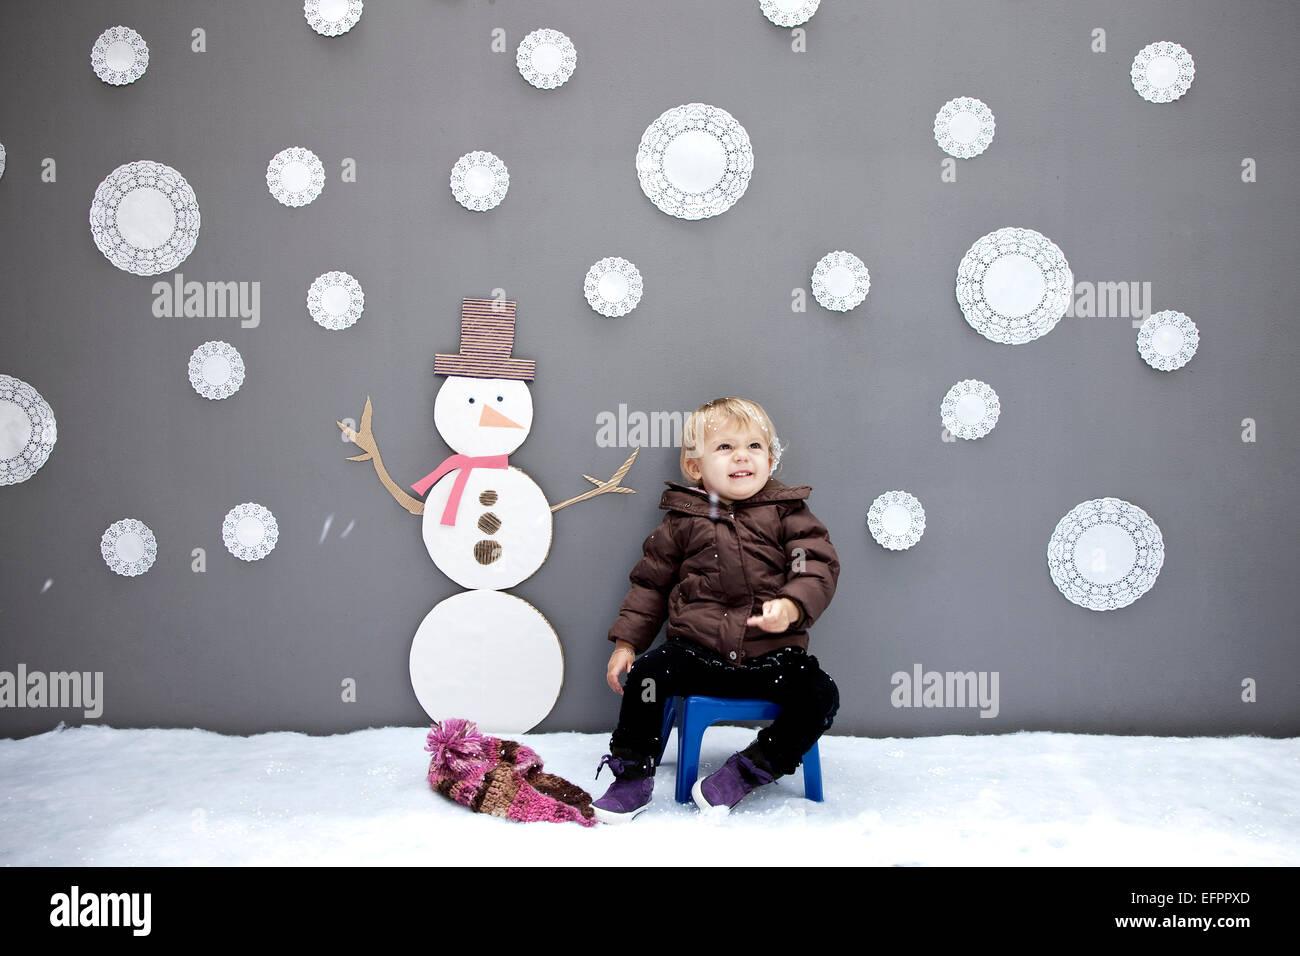 Babymädchen mit Schneeflocke und Schneemann Ausschnitte Stockbild